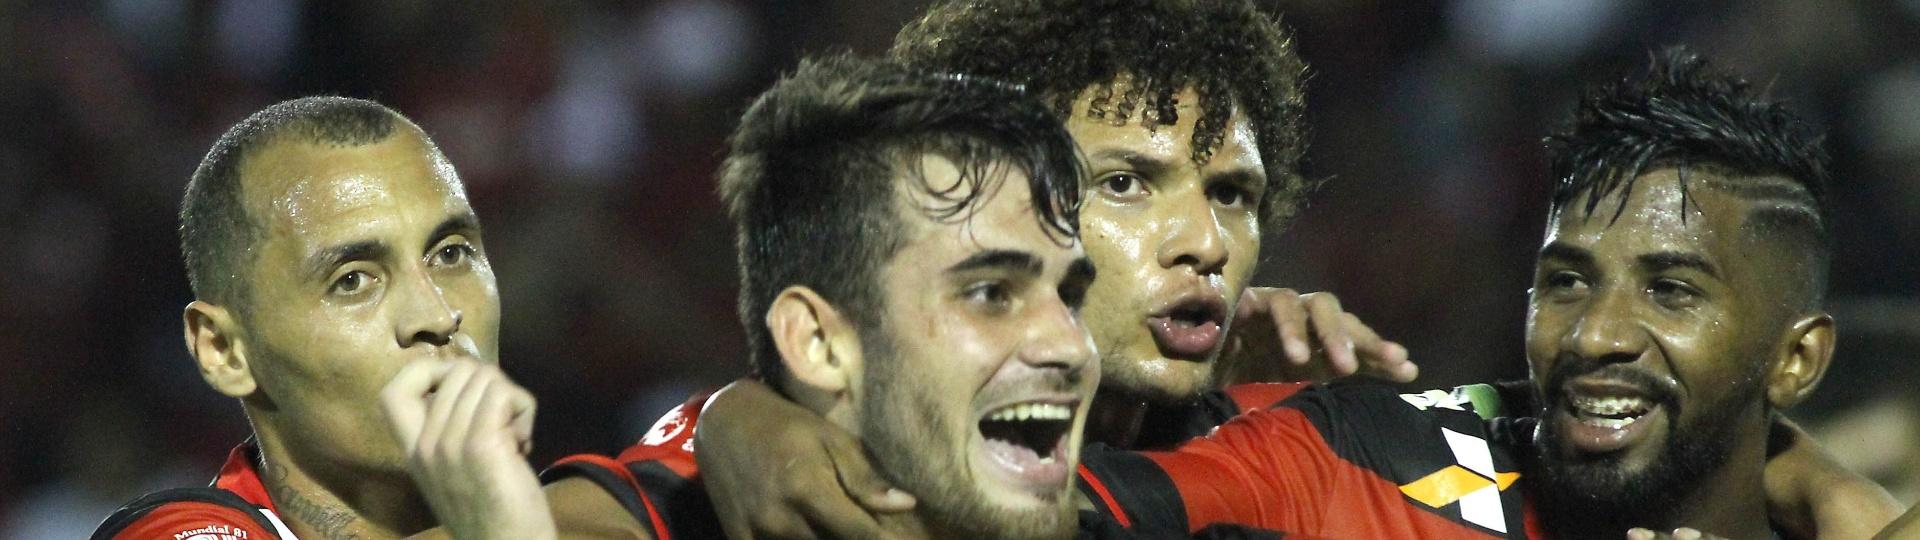 Felipe Vizeu comemora gol marcado para o Flamengo sobre o Vitória